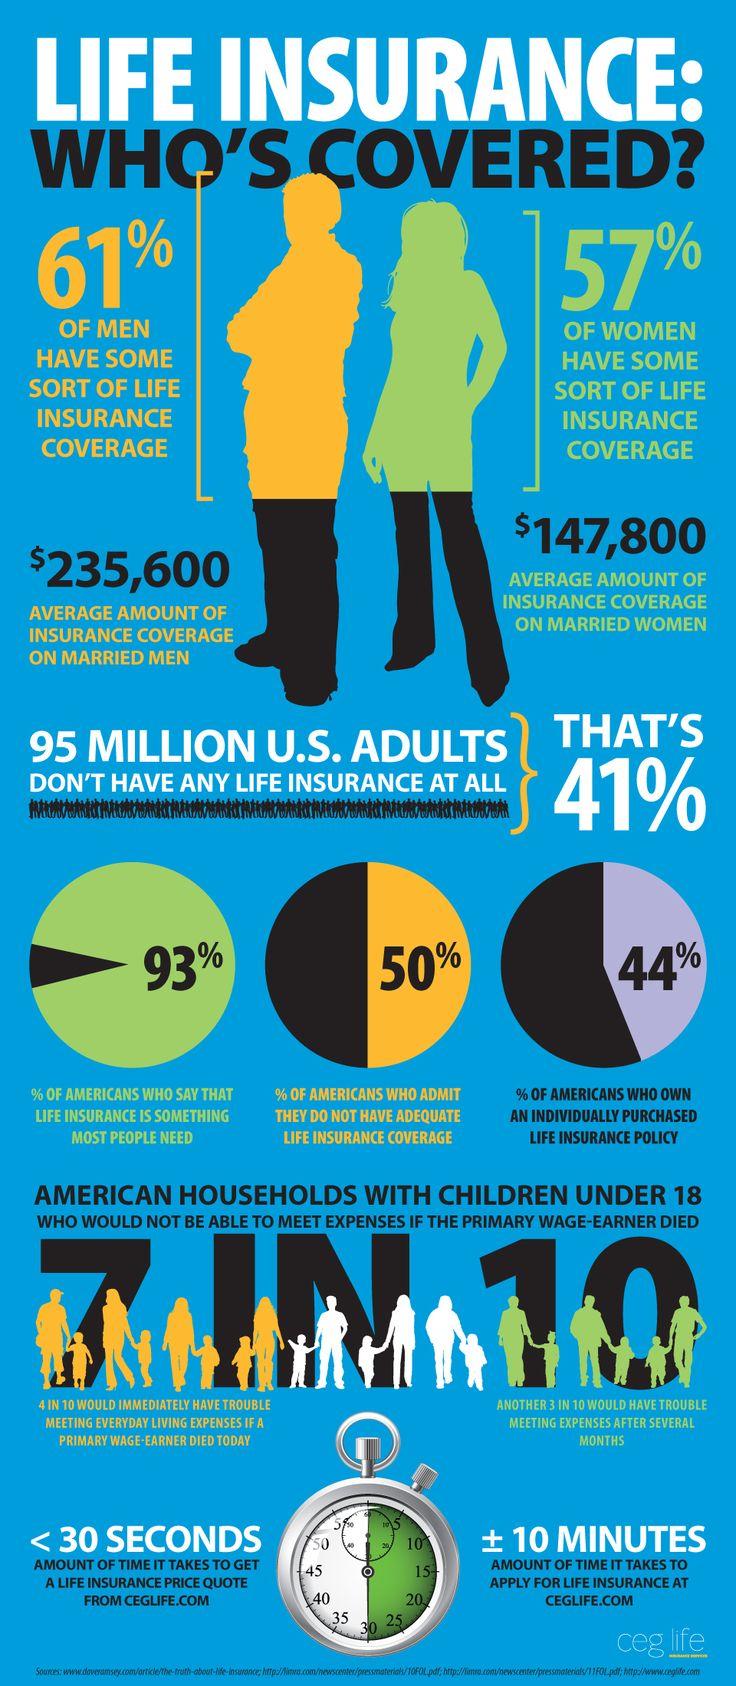 Life Insurance: Who's Covered? AllstateBlueBell.com 1